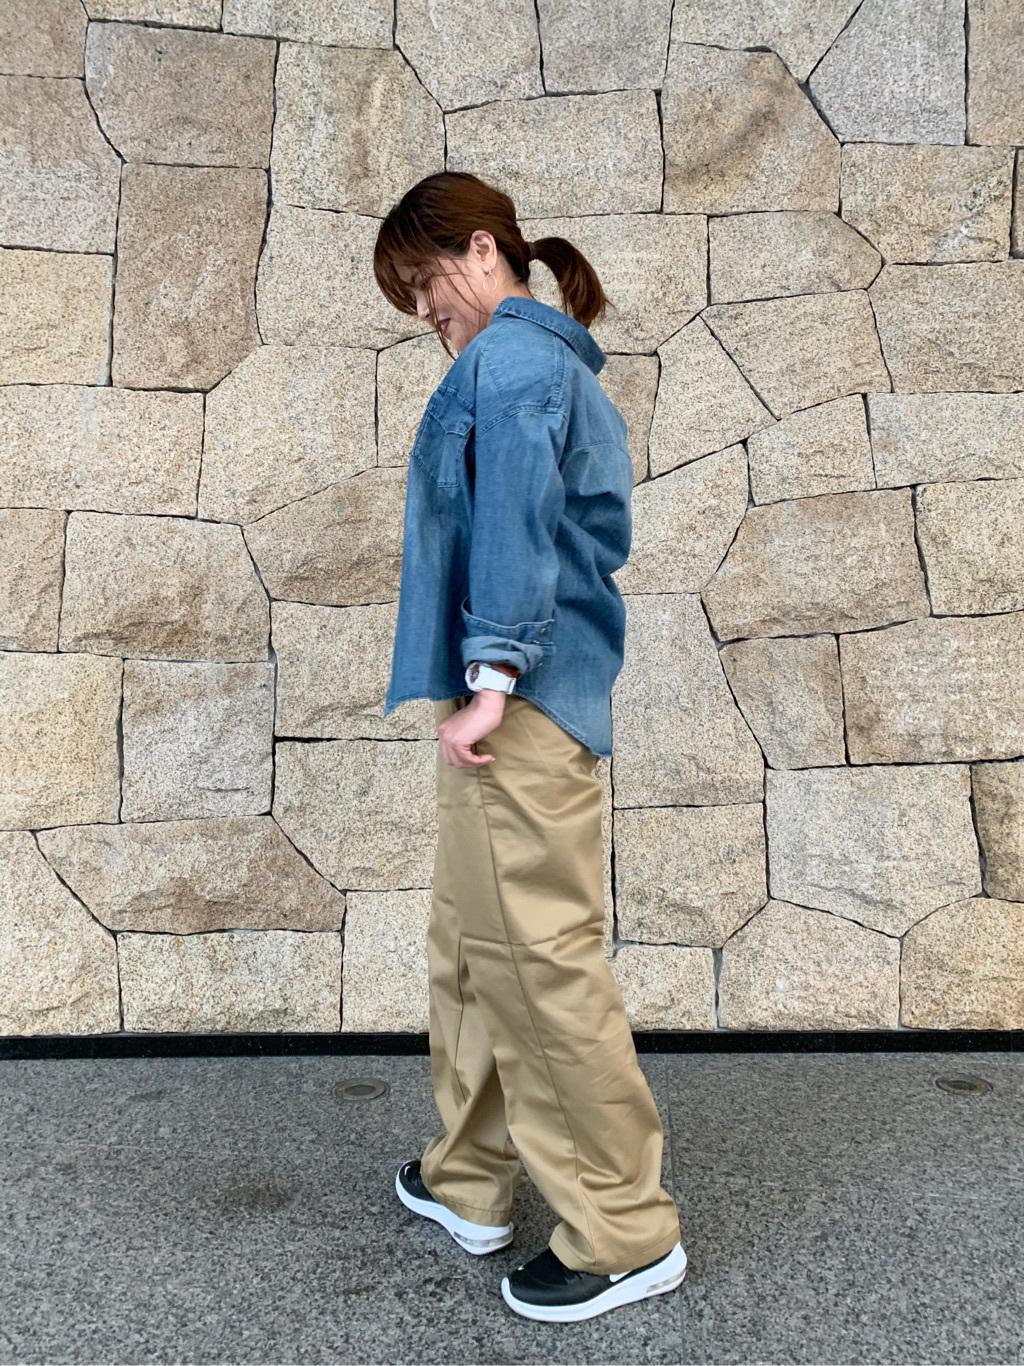 LINKS UMEDA店のYUKIさんのSOMETHINGの【再値下げSALE】SOMETHING 1/3 FIT トラウザーを使ったコーディネート